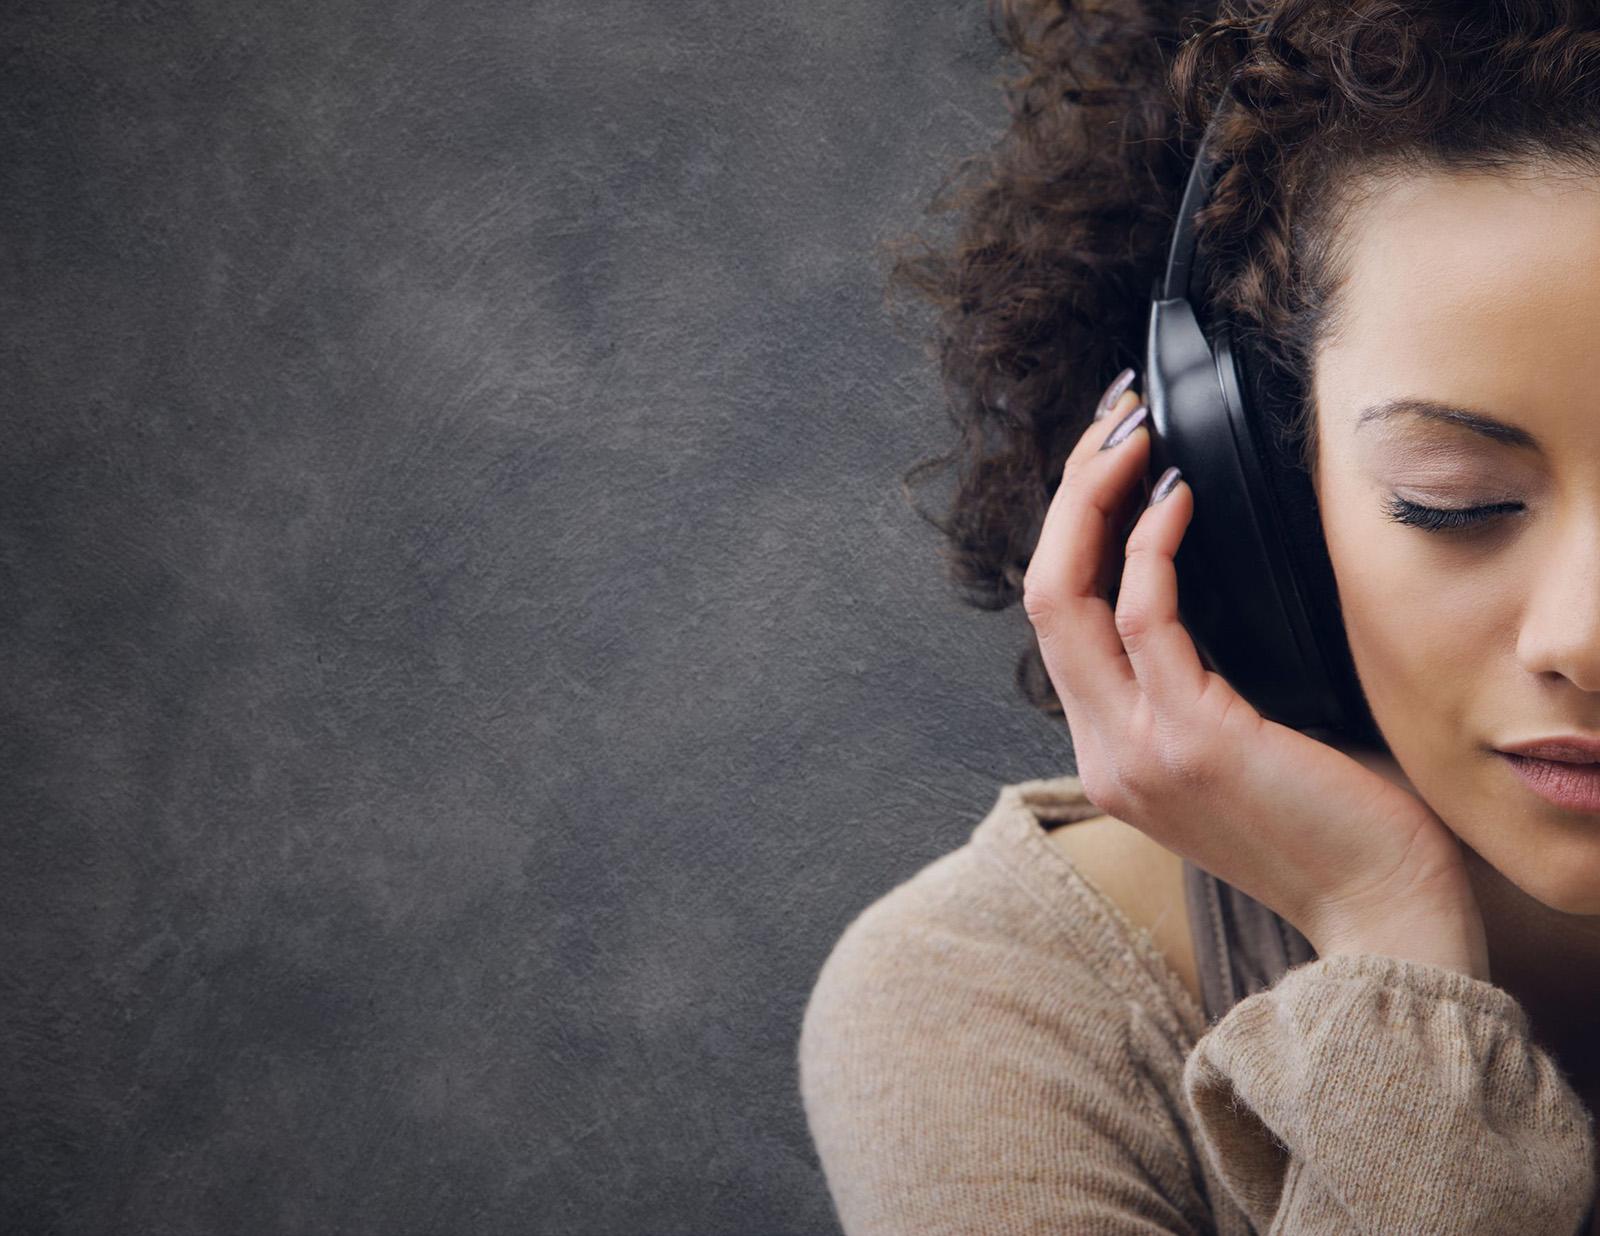 10 tipp arra, hogy hogyan csökkentsük a munkahelyi stresszt – elixirmasszazs.hu